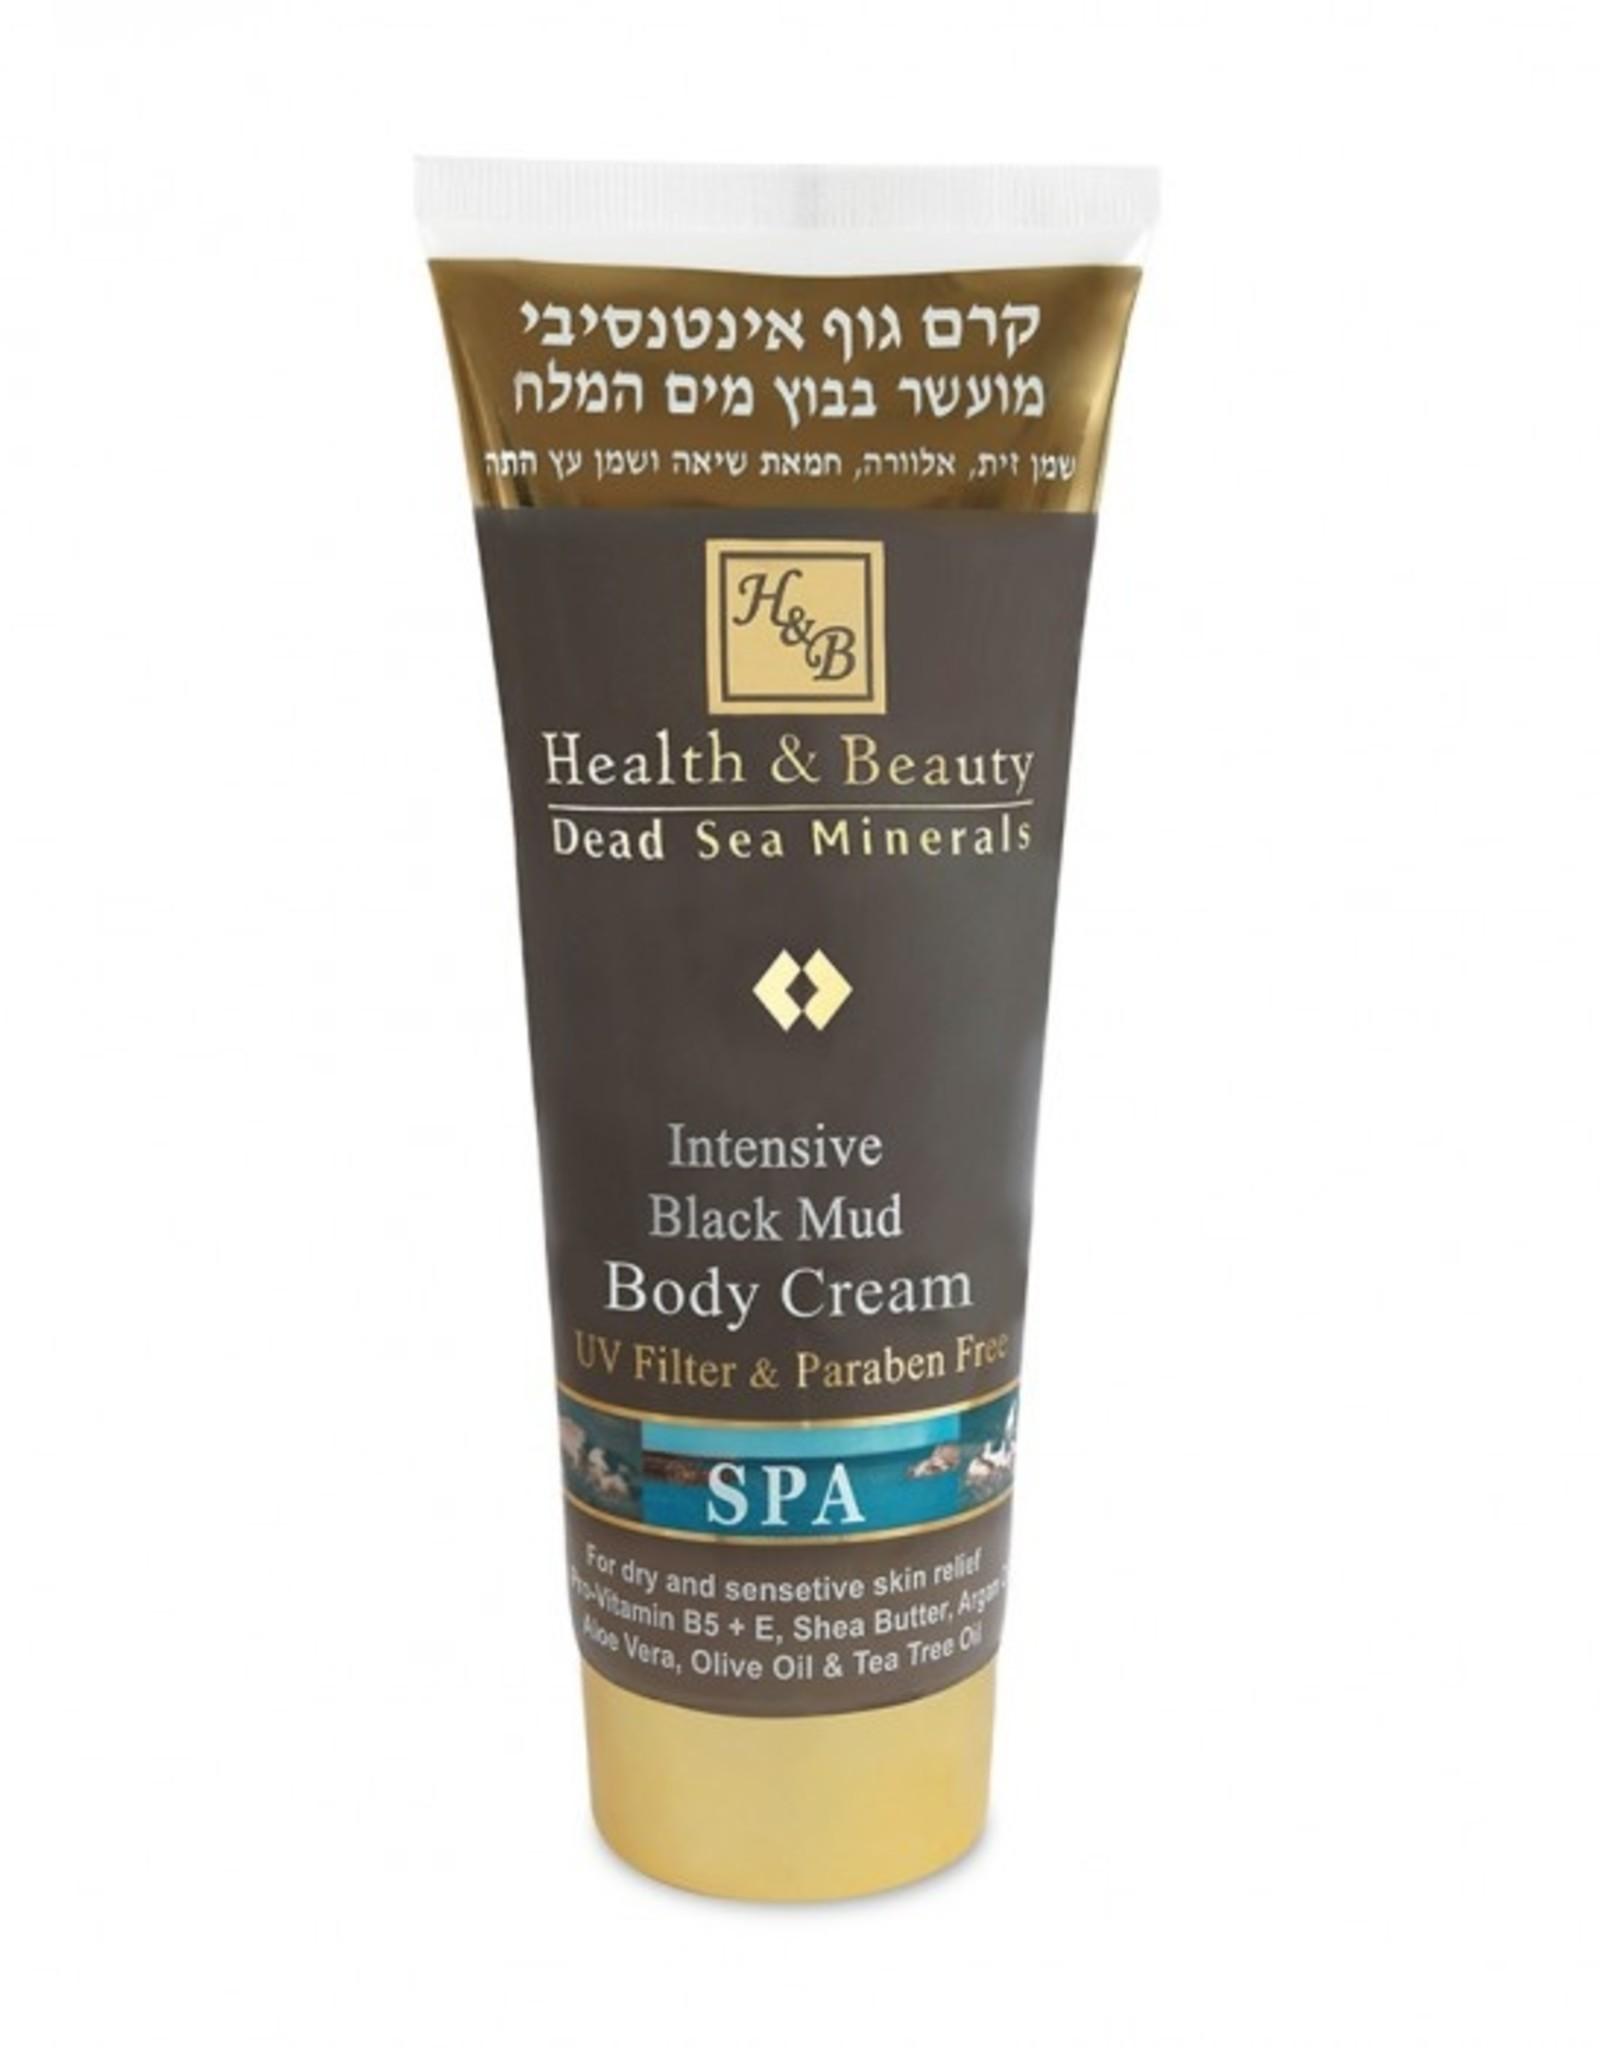 H&B Dead Sea Minerals Bodycrème met dode zeemodder - Intensief